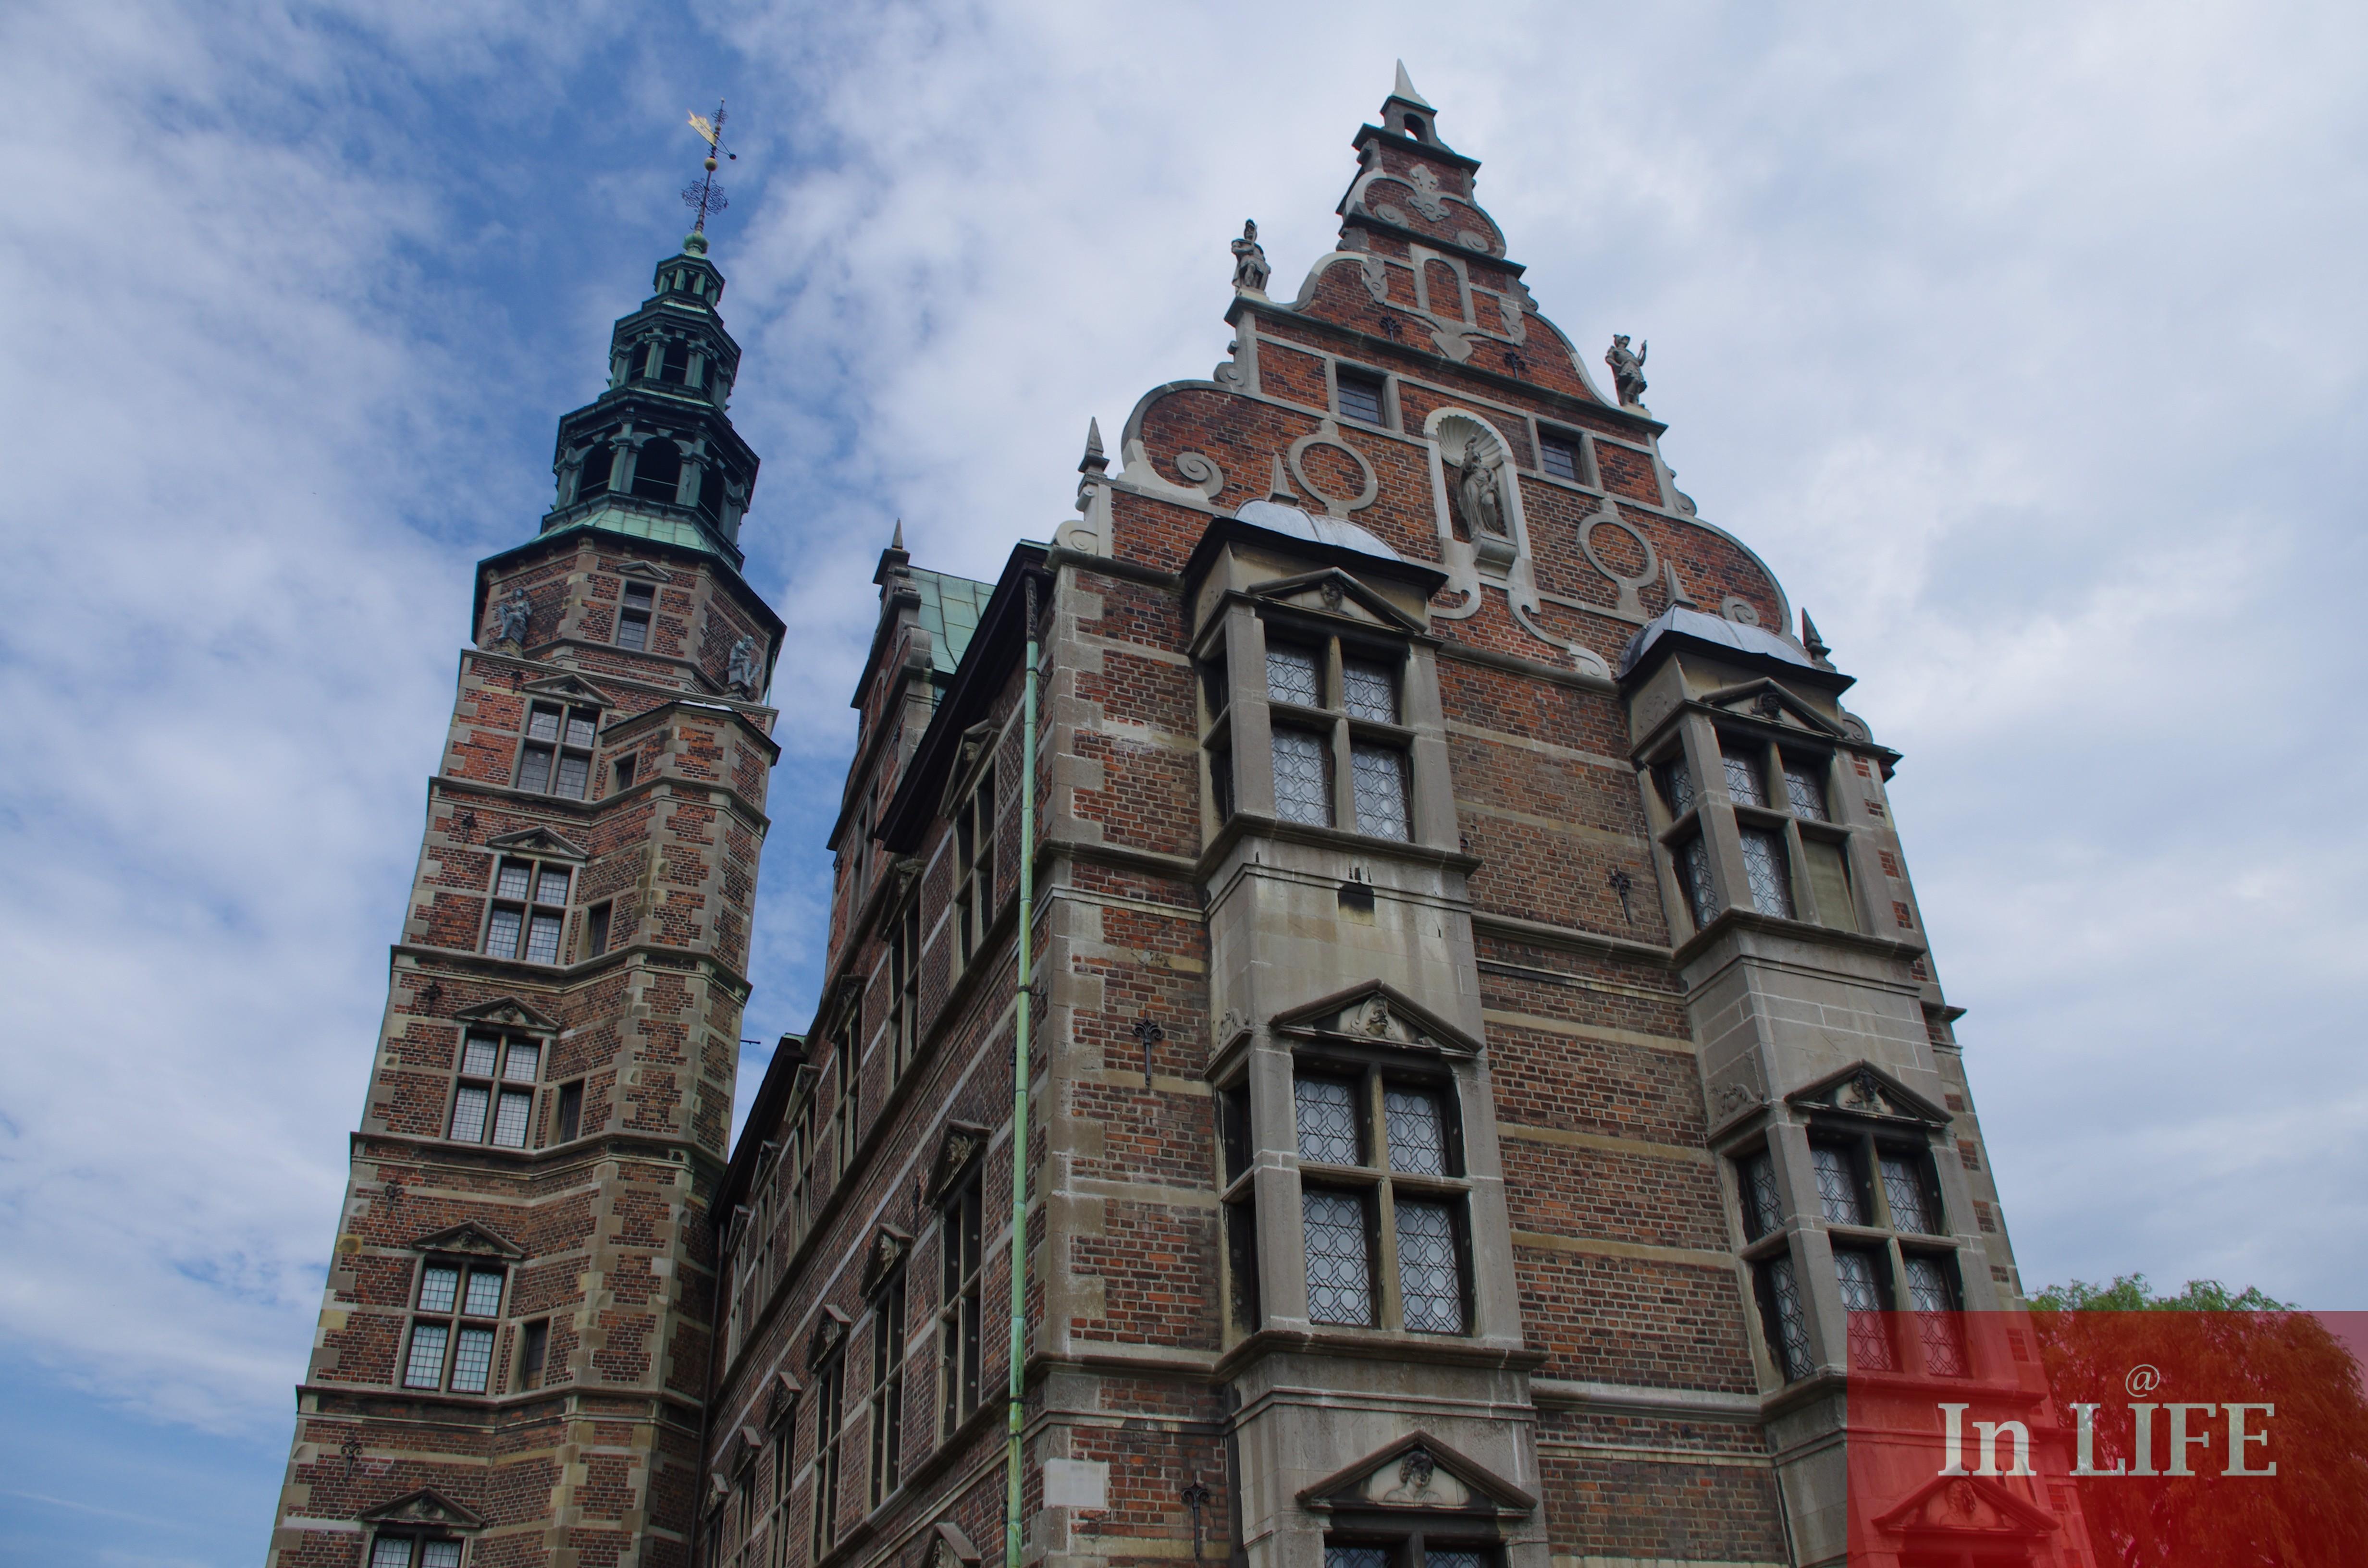 Скъпоценностите на Кралство Дания, събрани в Розенборг